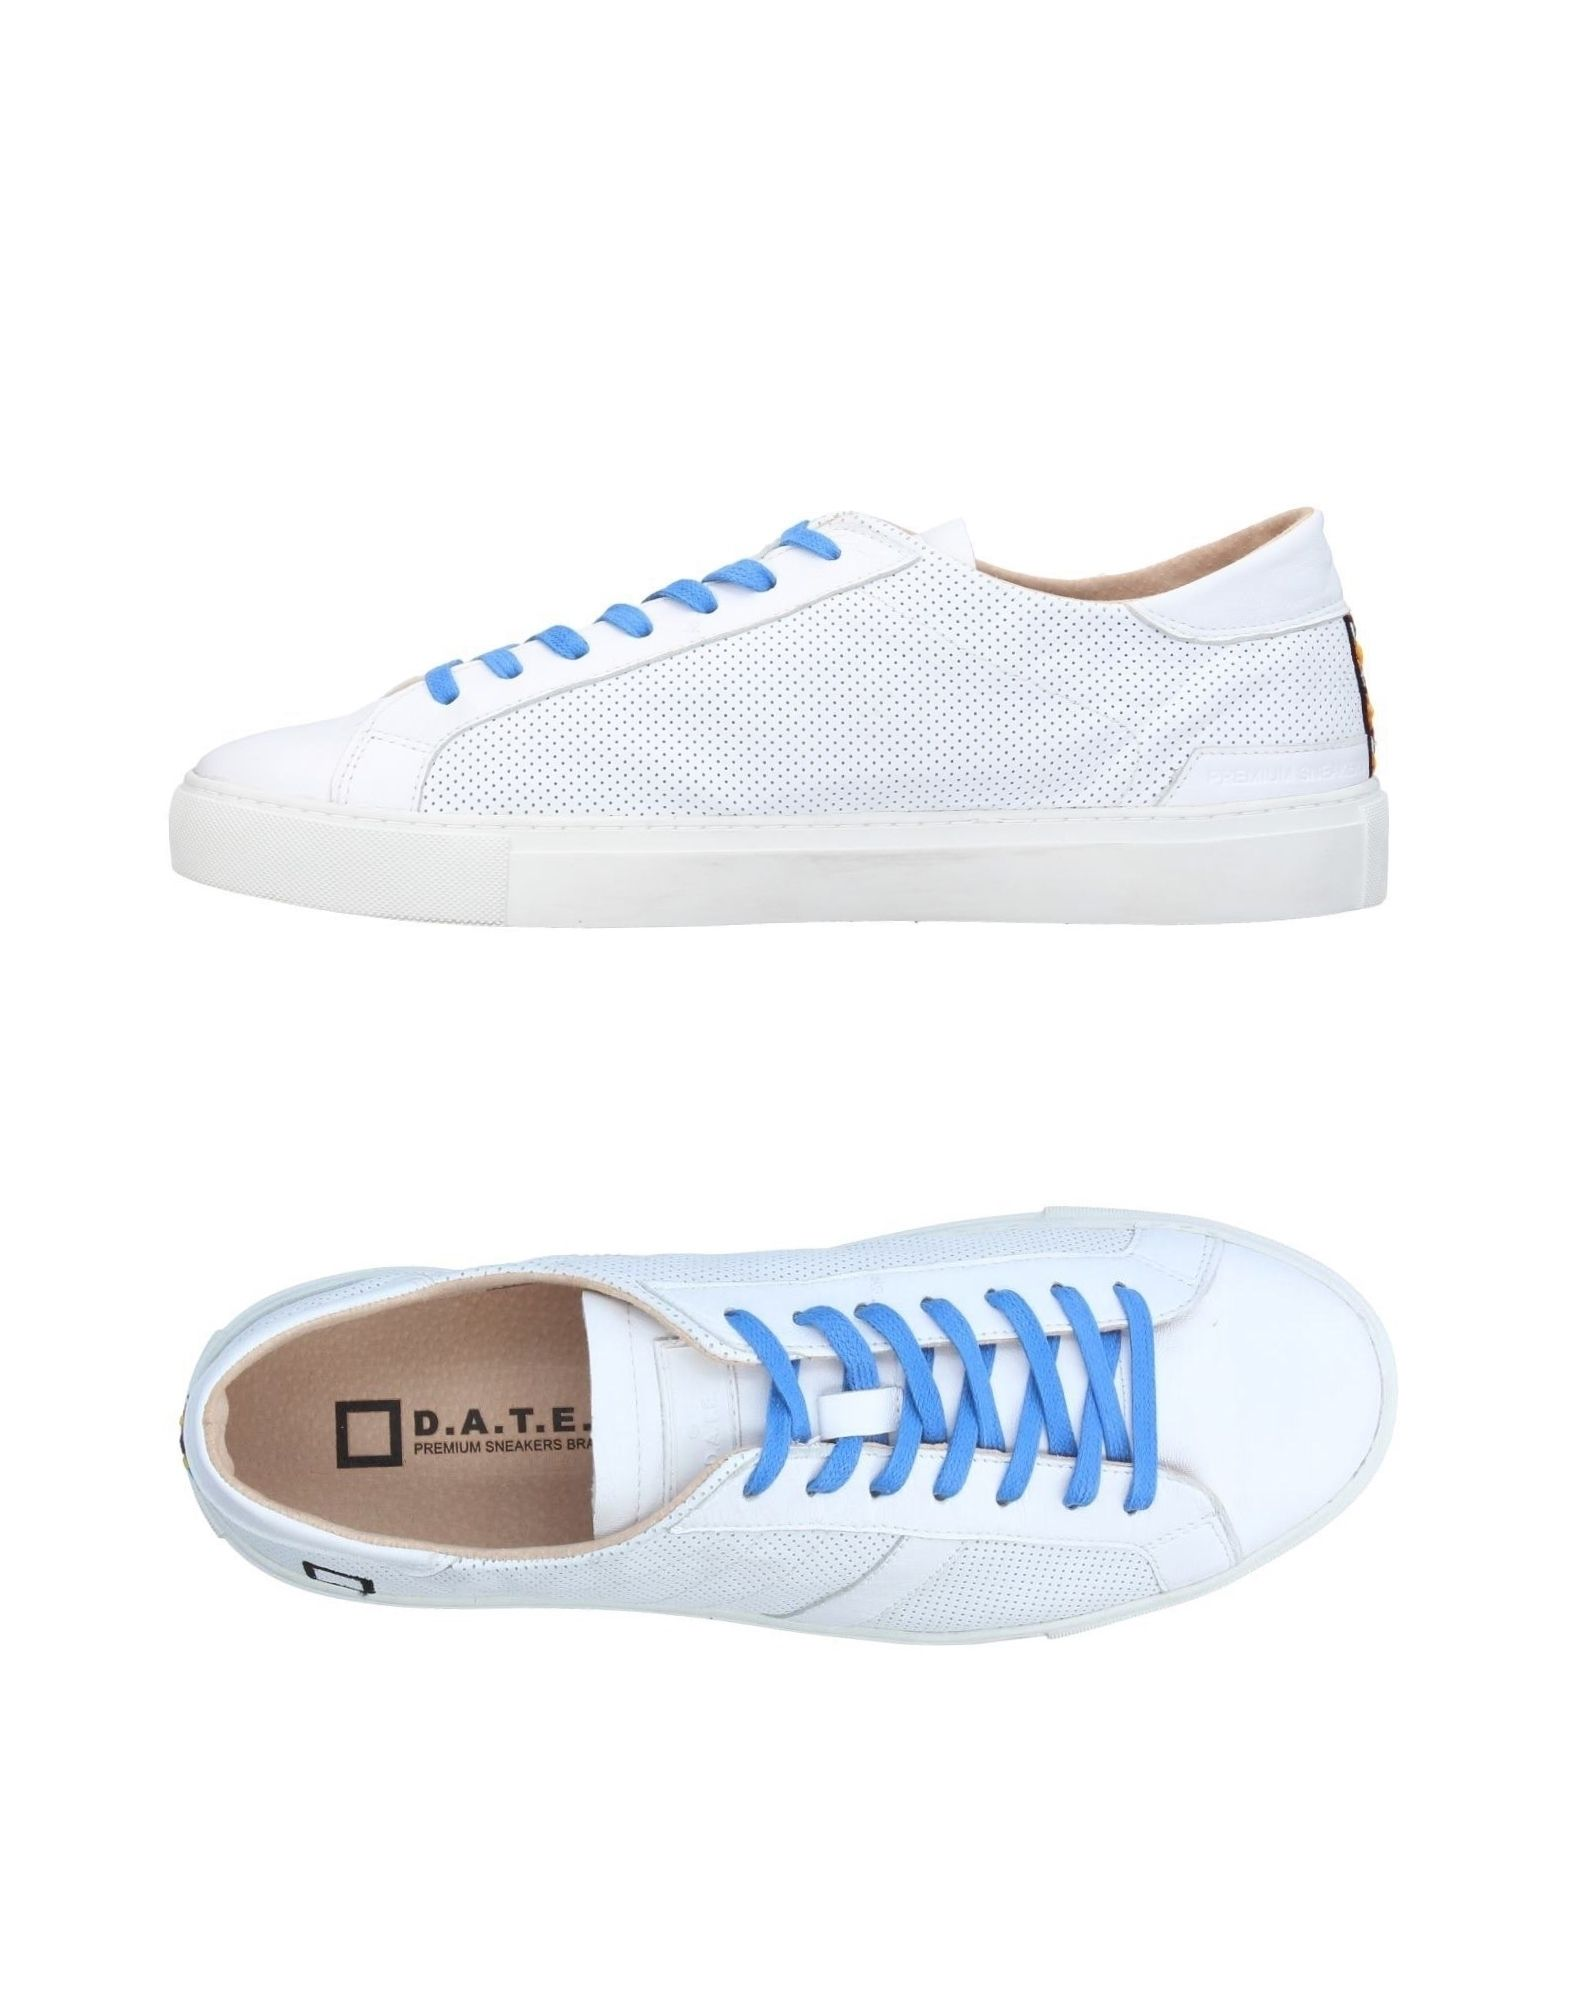 Rabatt echte Schuhe D.A.T.E. Sneakers Herren  11371680QK